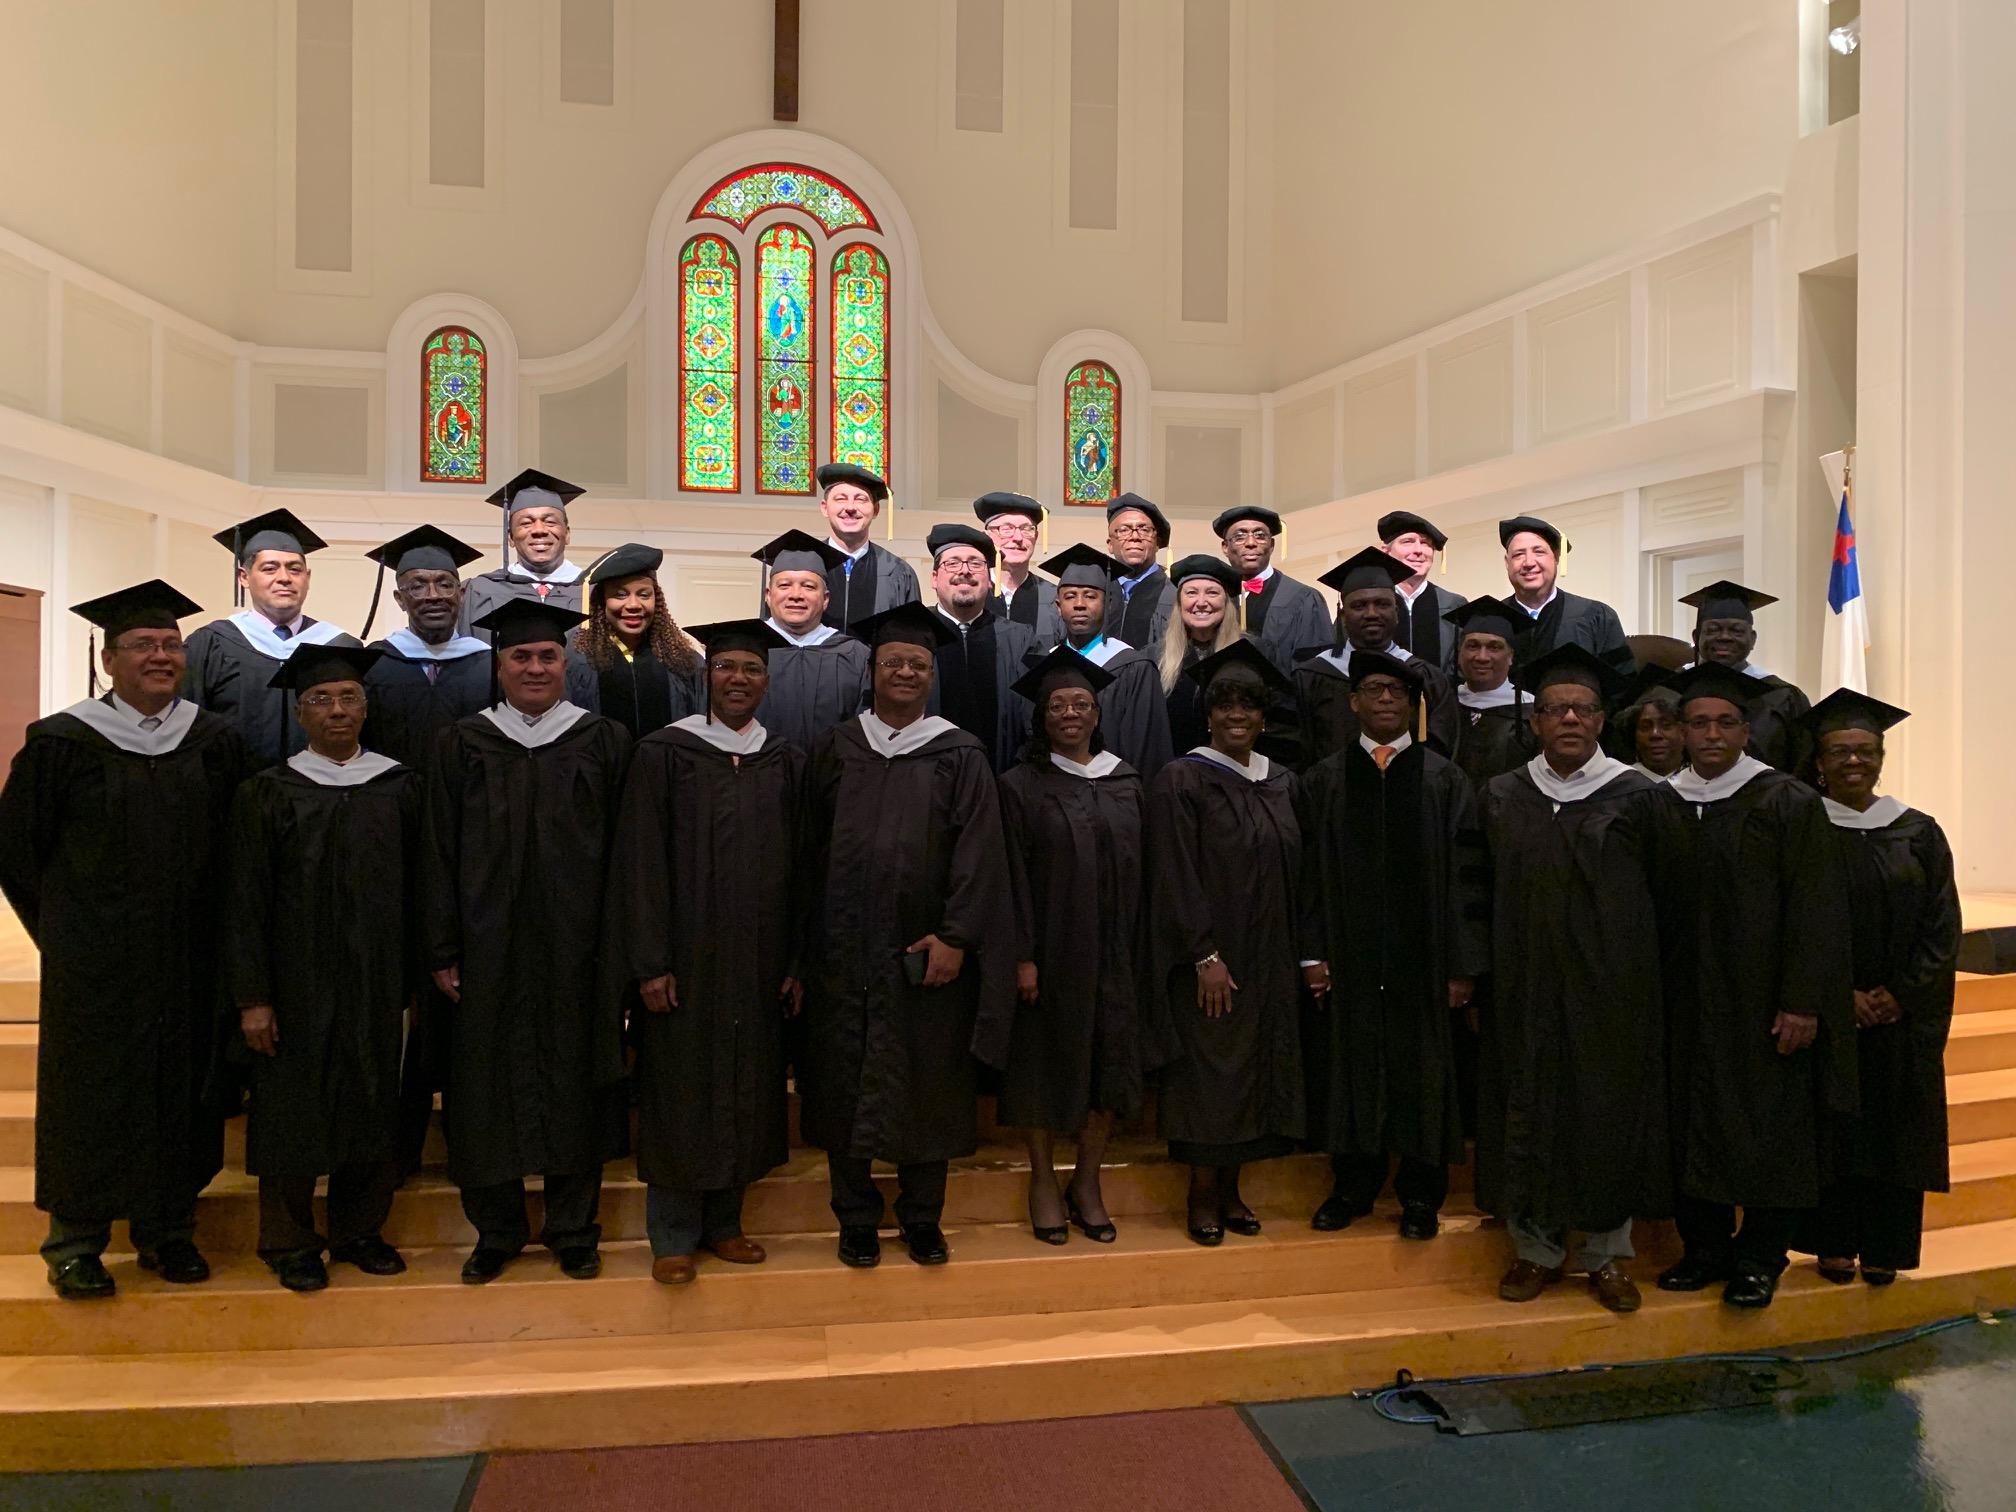 Los líderes de la IDP se gradúan en el Seminario Teológico Gordon-Conwell